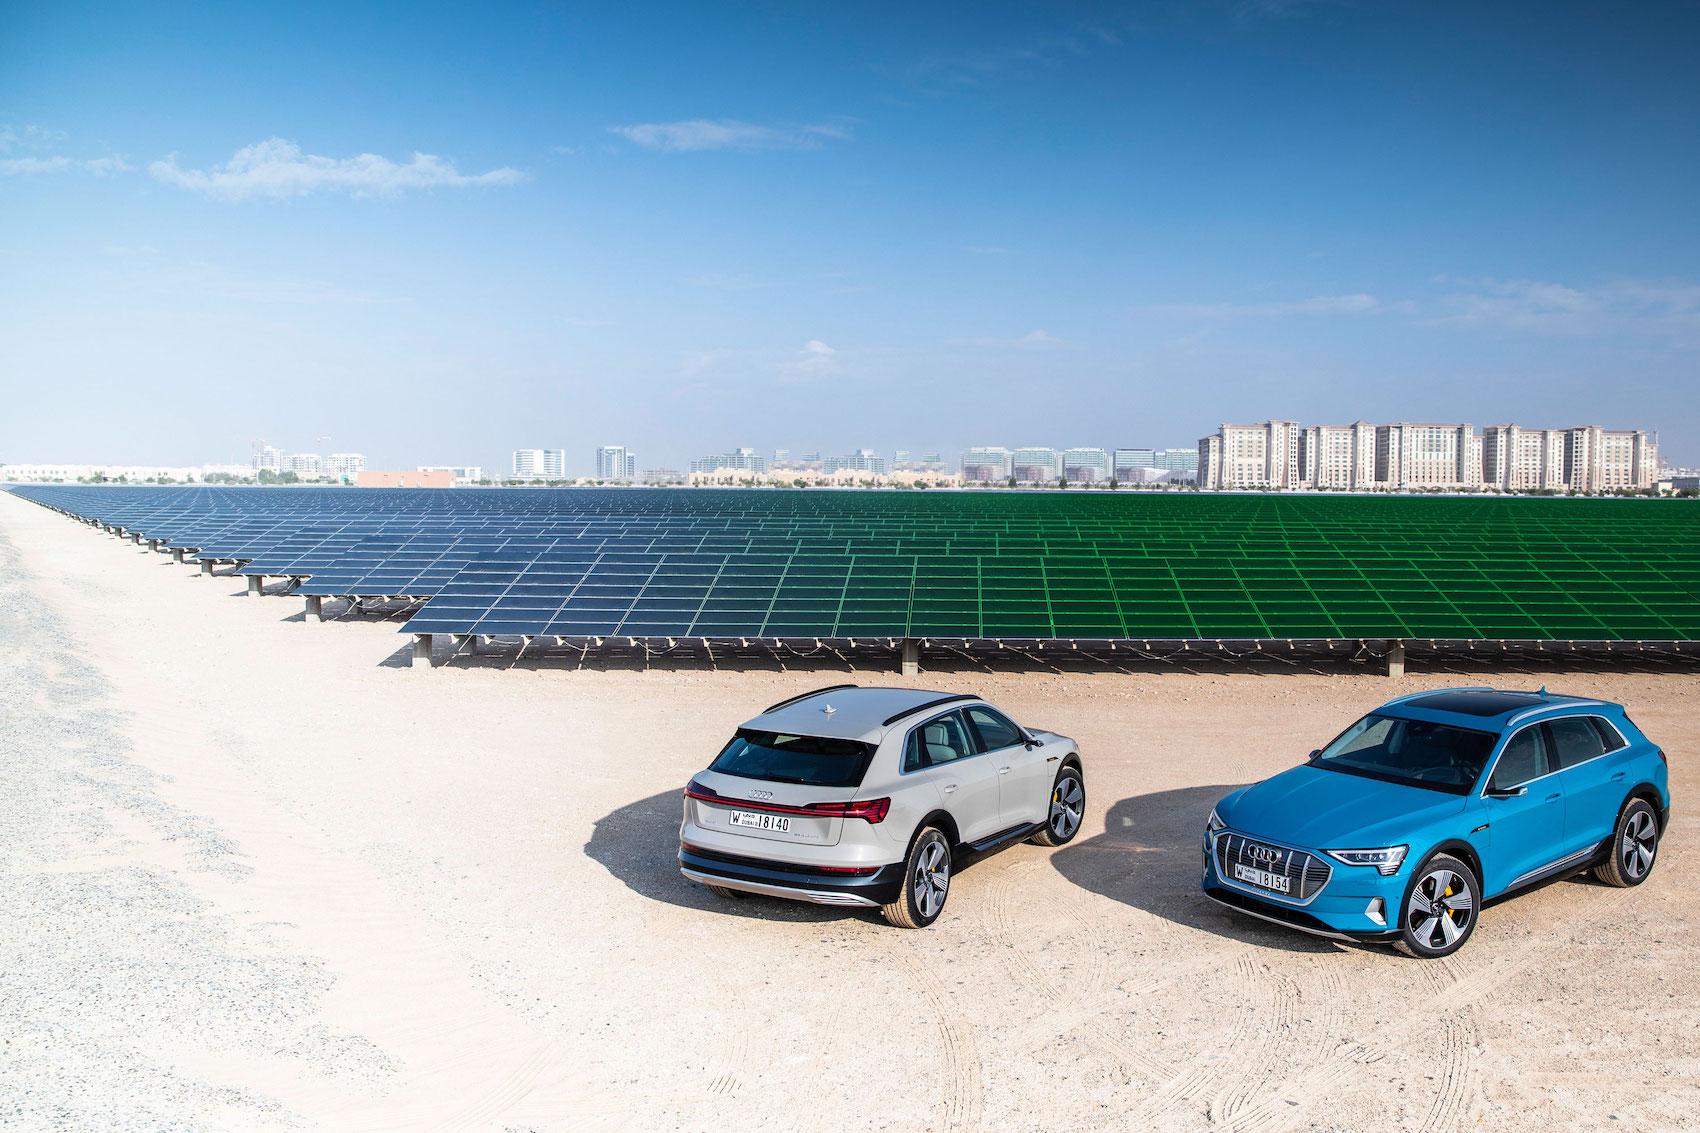 La plus grande centrale solaire du Proche-Orient, à Masdar City, dans l'émirat d'Abou Dhabi. (AUDI/traitement Brand Studio)